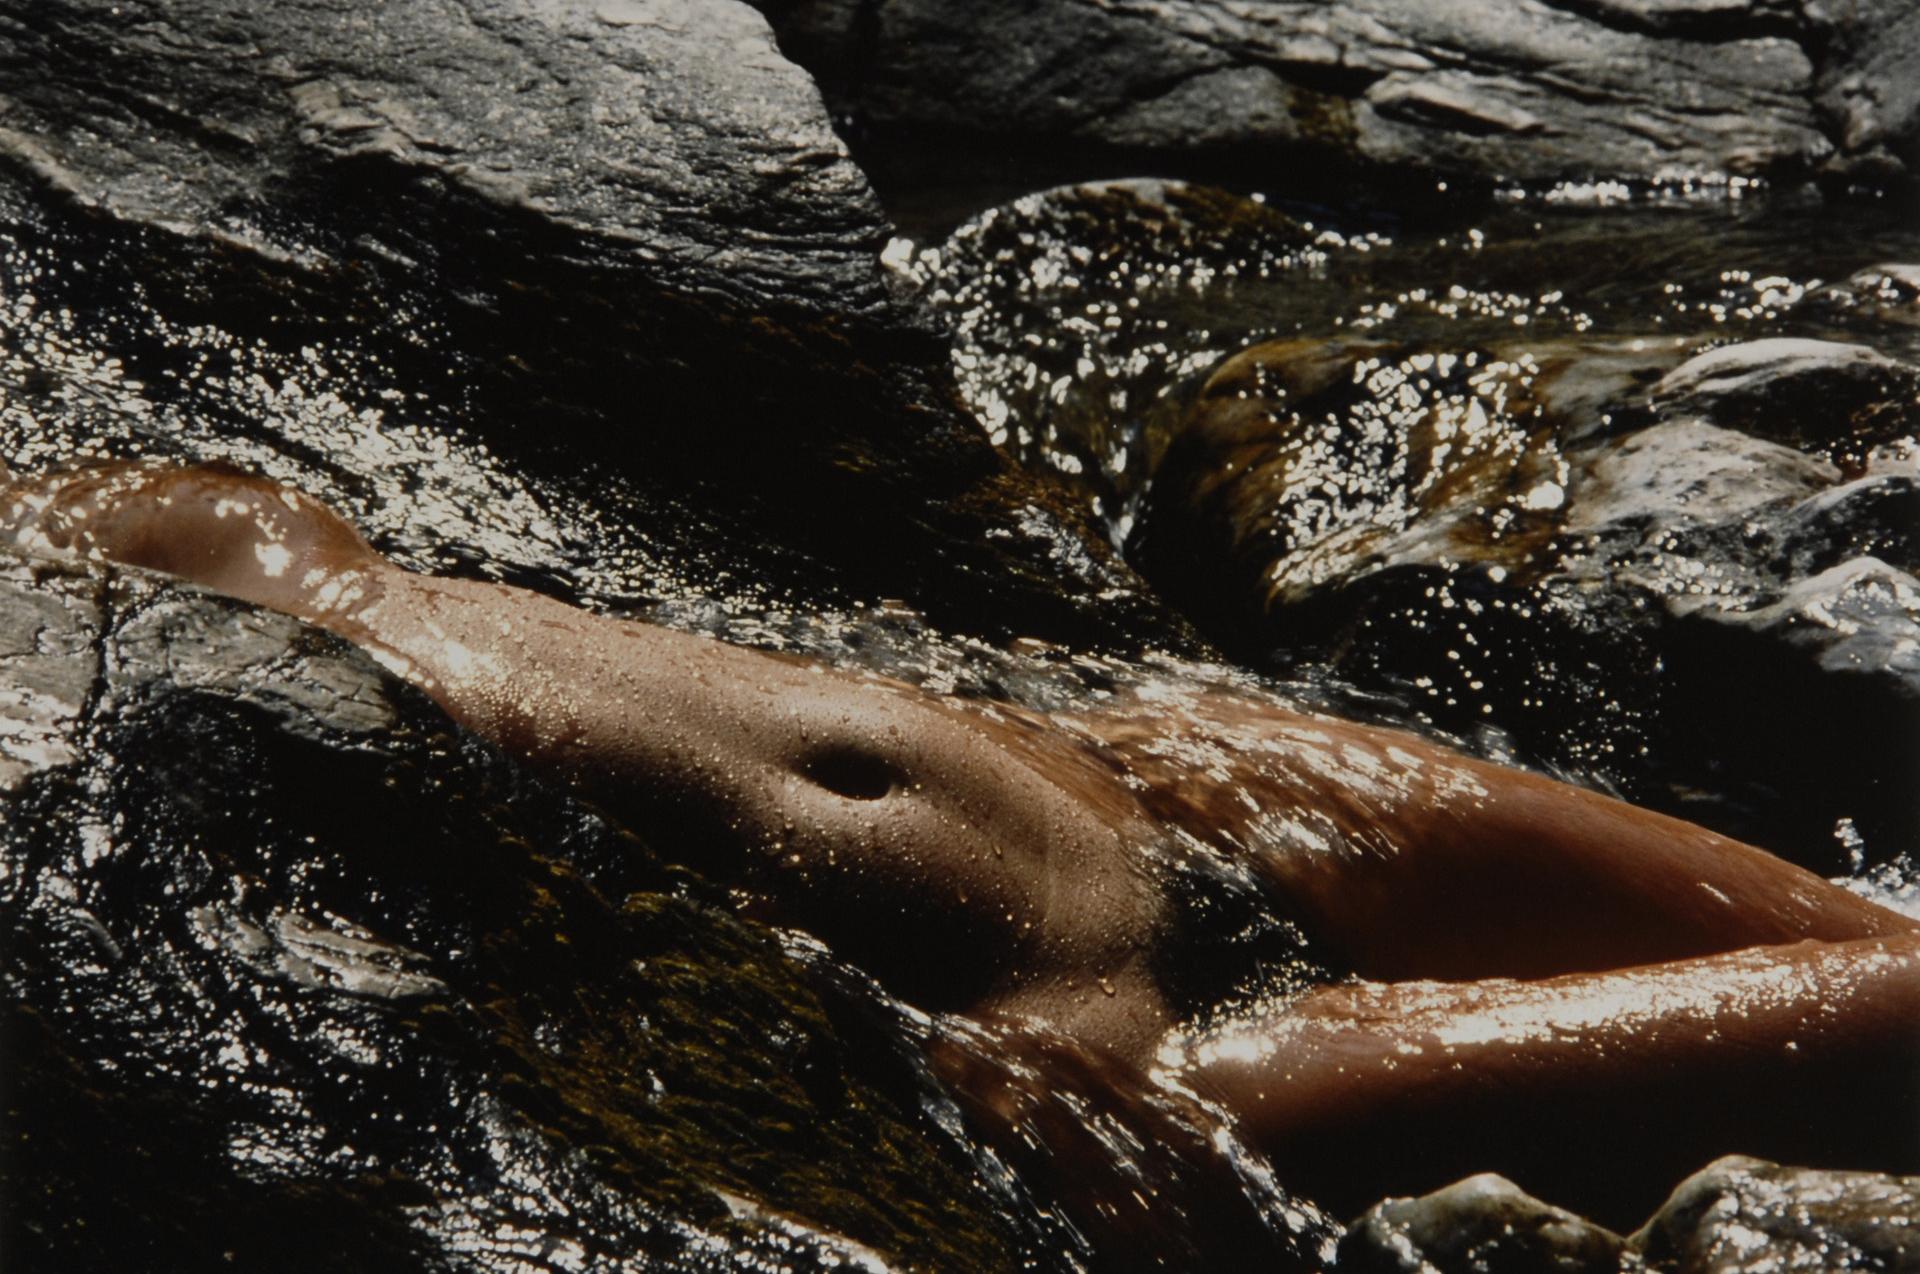 Clergue Lucien, Nu dans l'eau (Nude in the Water)